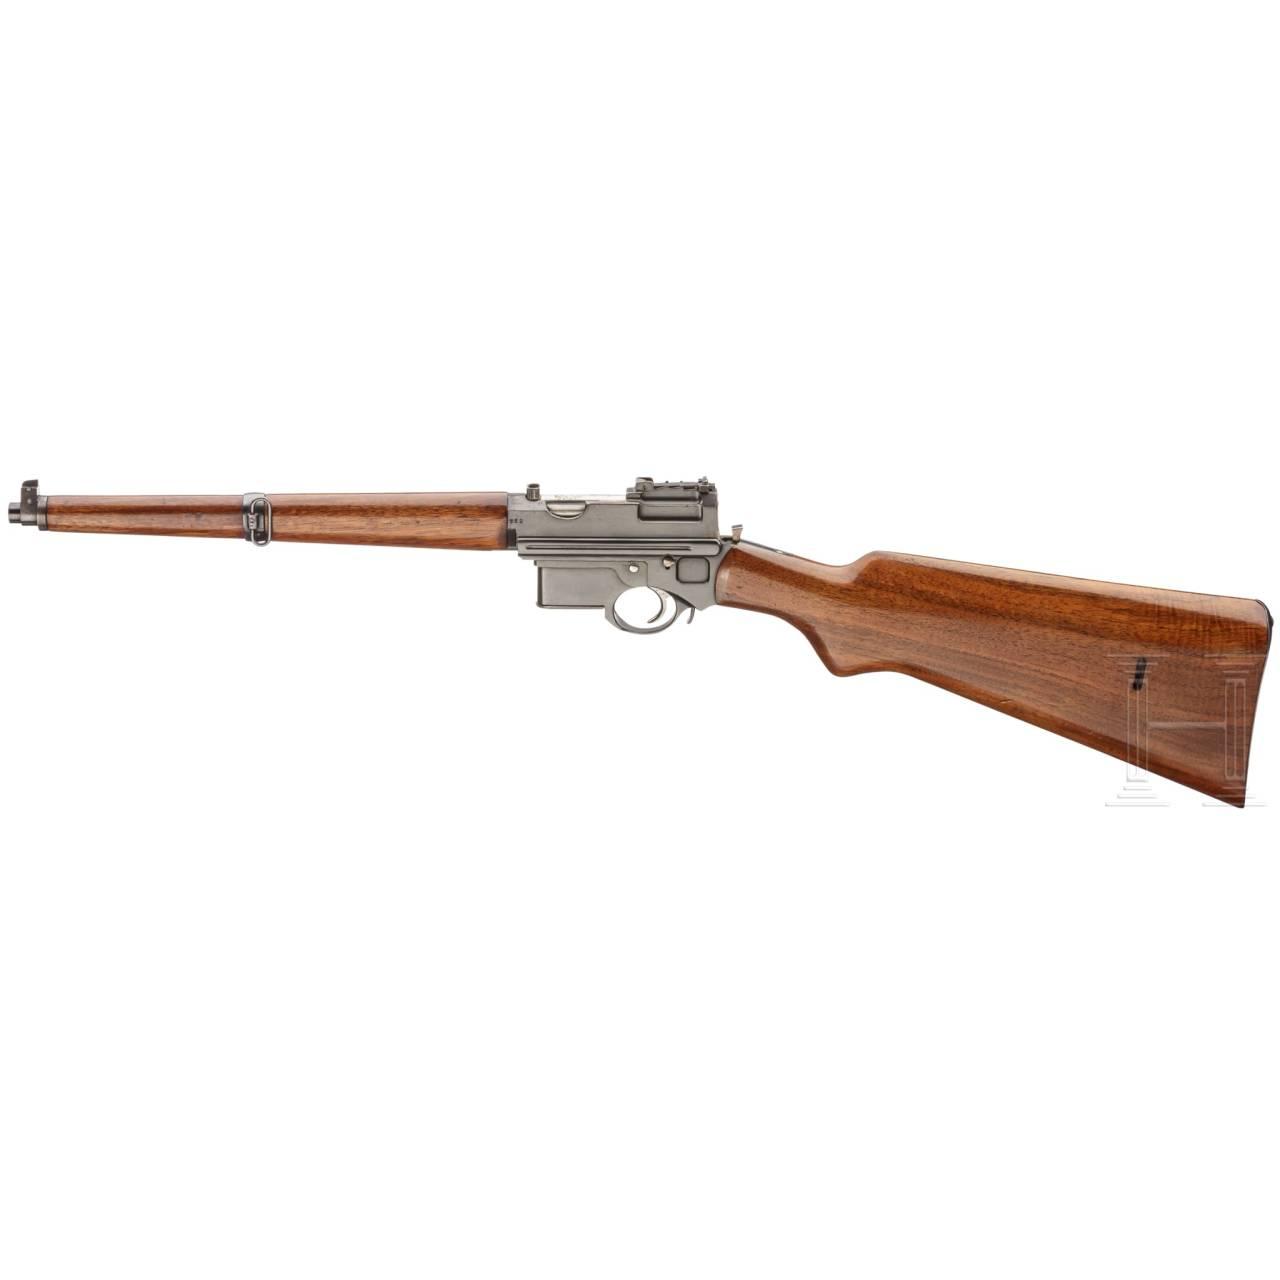 Pistolenkarabiner (Militärversion) System Mannlicher M 1897/01, Vorlage- / Musterwaffe Export Südamerika, im Kasten